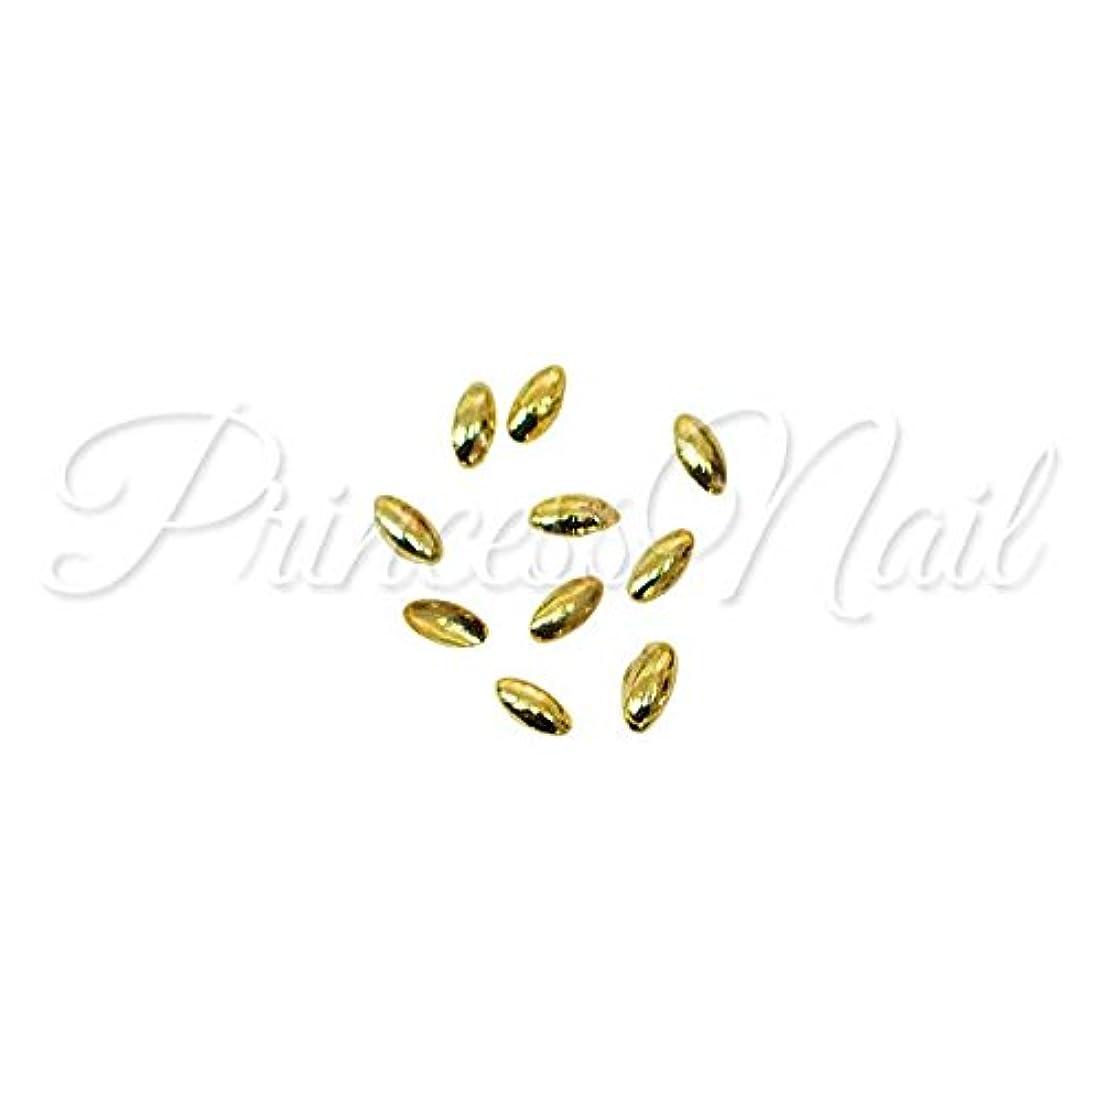 農業疾患風邪をひく超小粒メタルスタッズ リーフ 1mm×2mm ゴールド 50粒